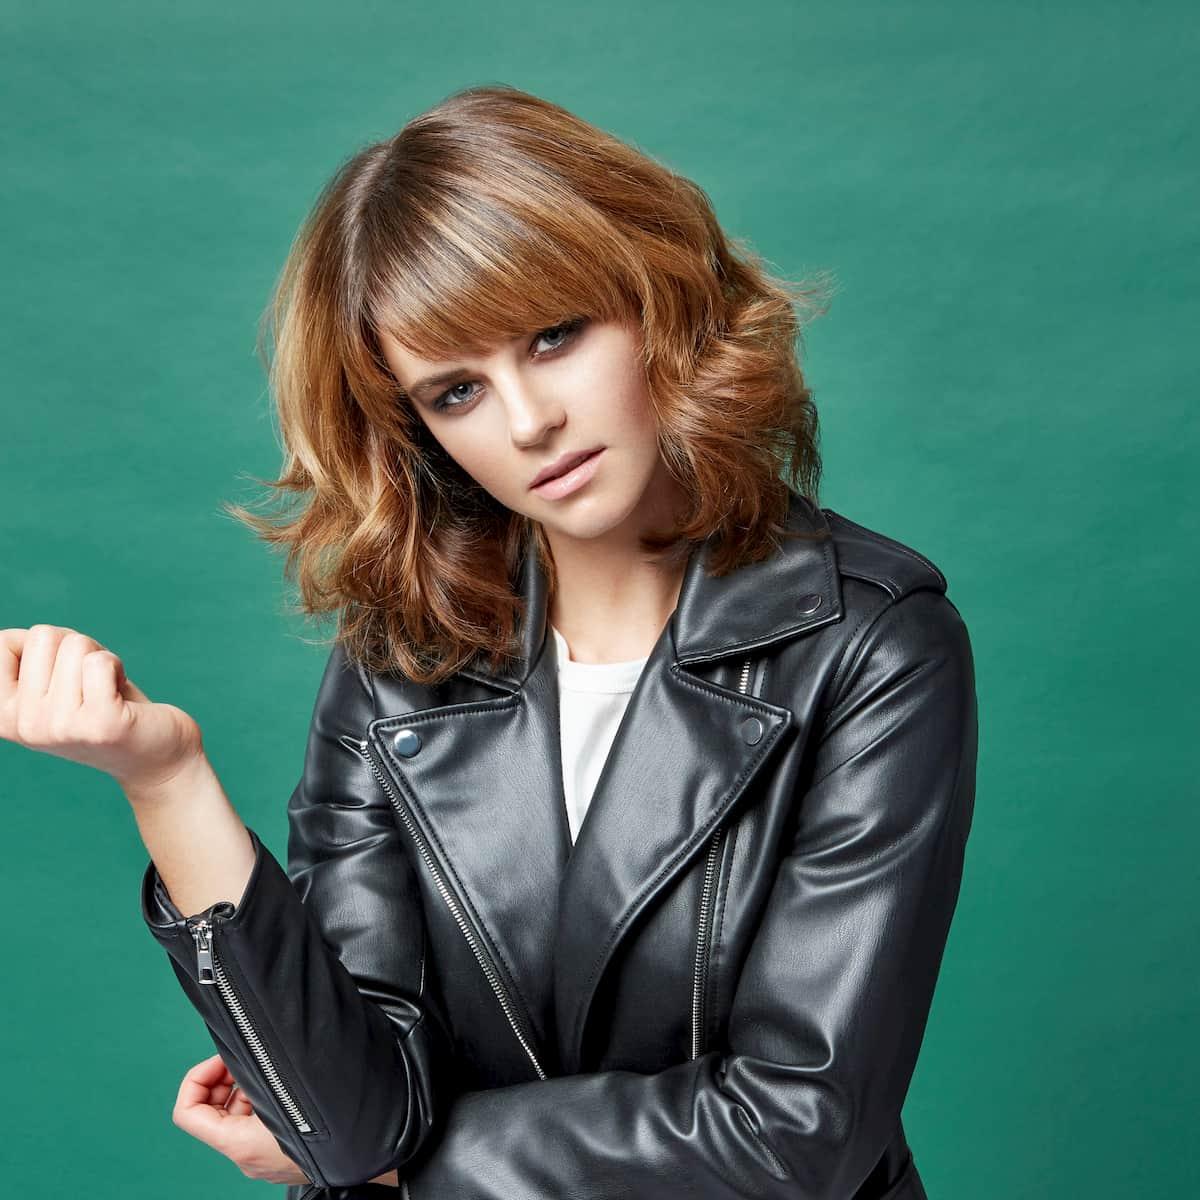 Frisuren 2021 im Winter Frisuren-Trends für Damen und Herren